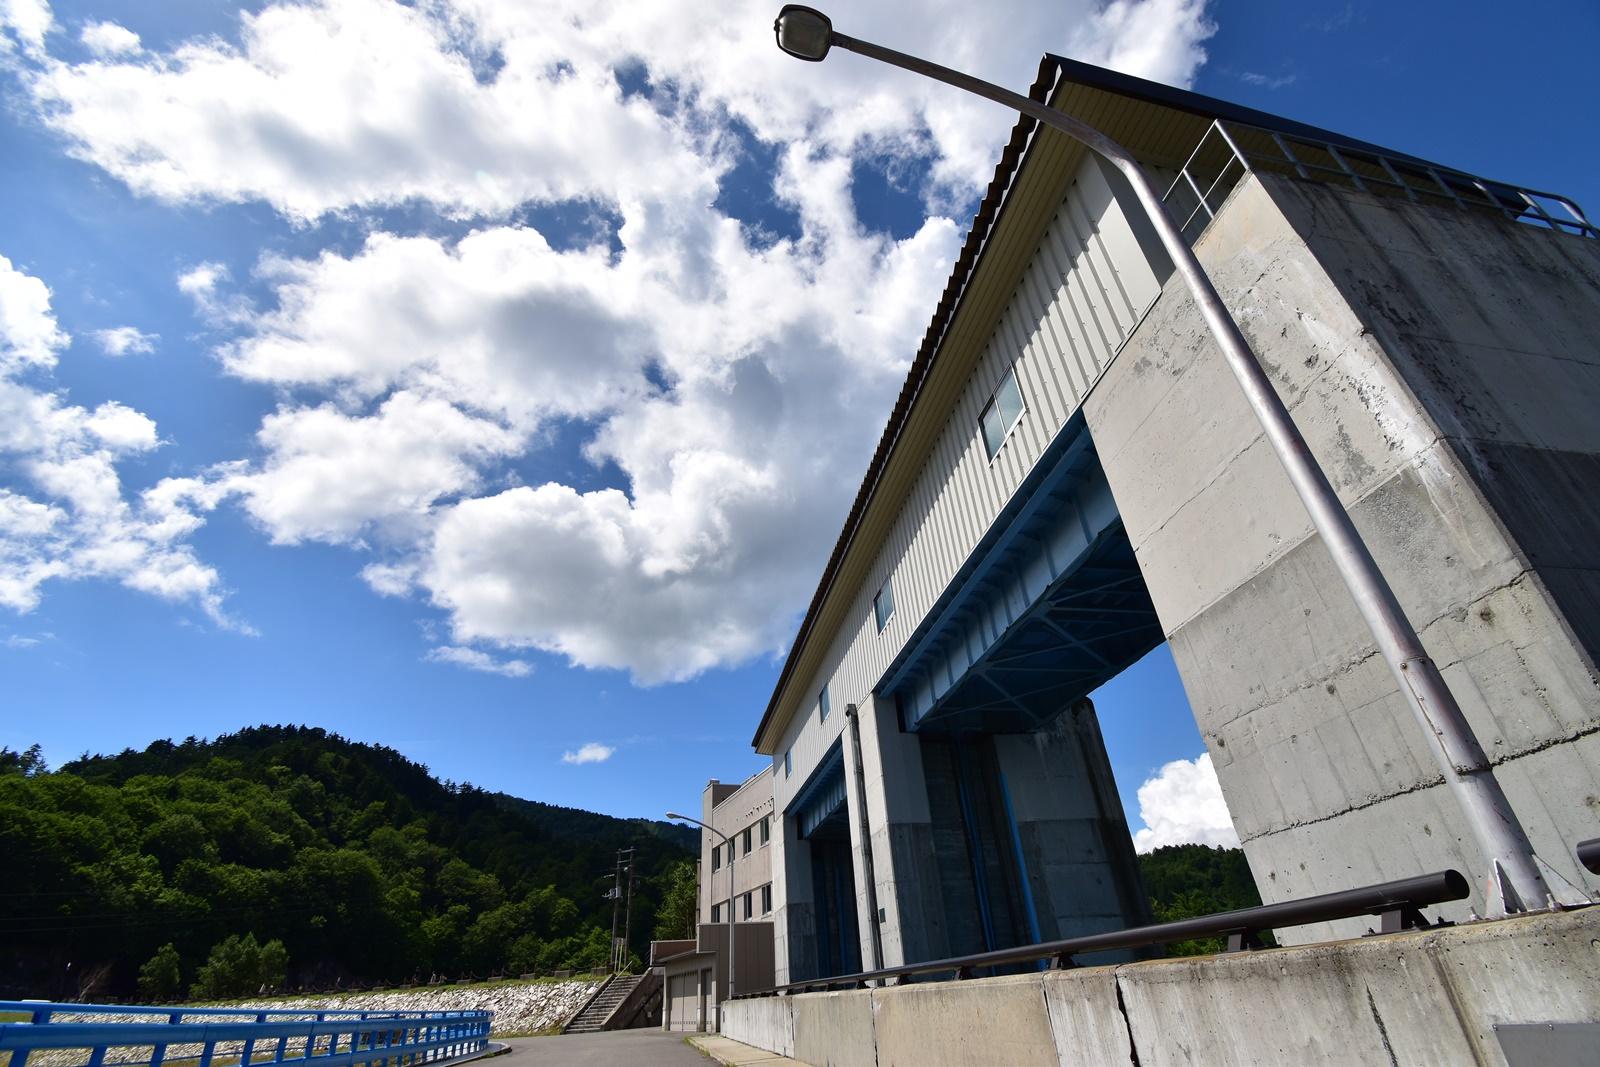 奥利根湖『八木沢ダム』での撮影 放水用ゲート